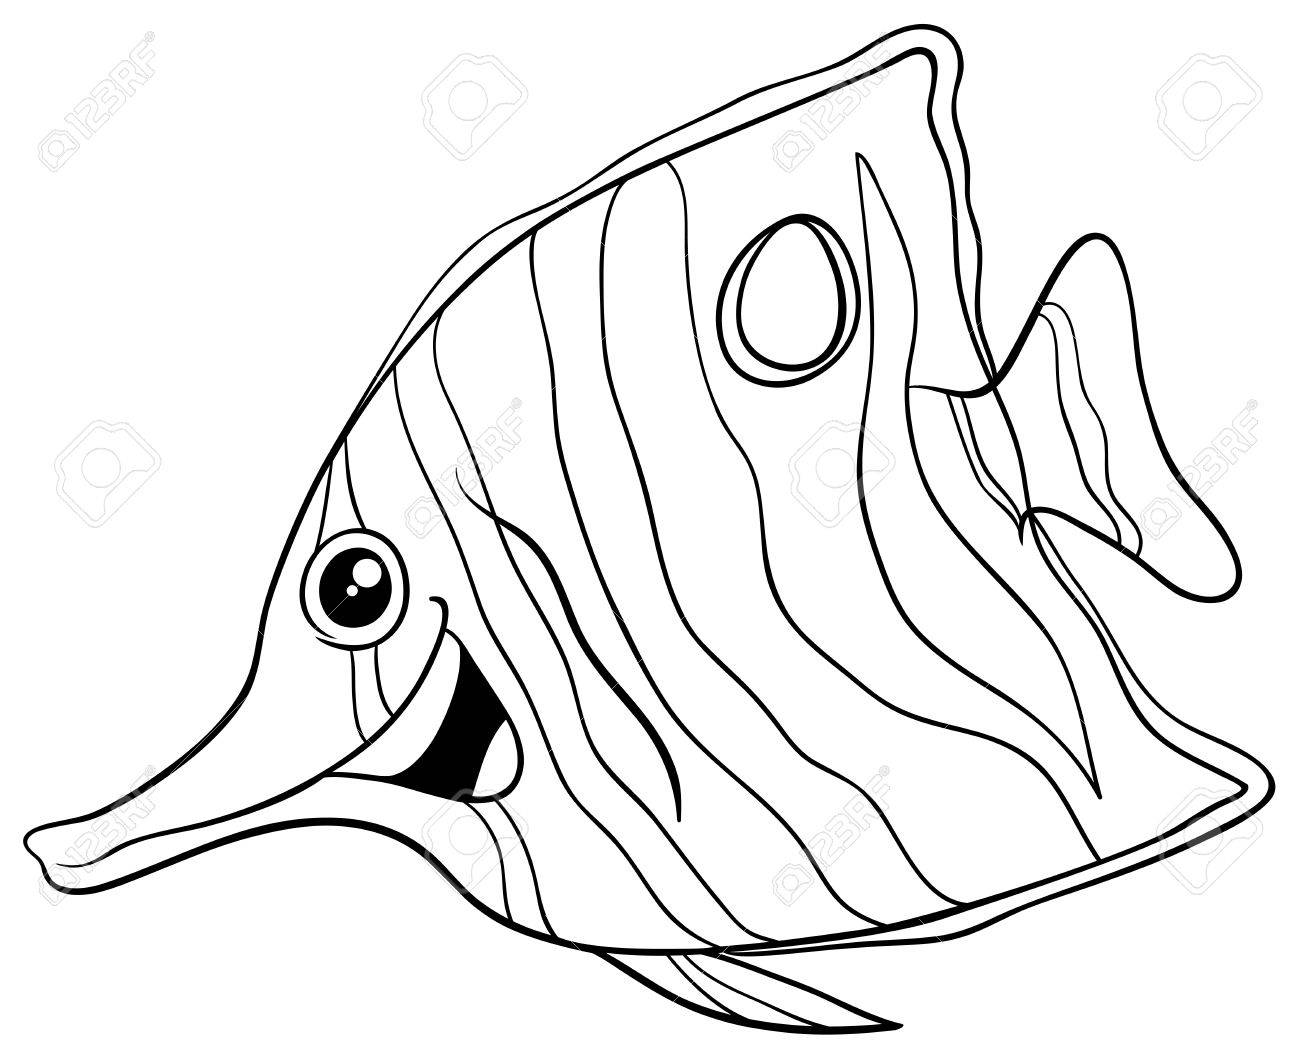 Dibujos Animados De Blanco Y Negro Ilustración De La Mariposa ...